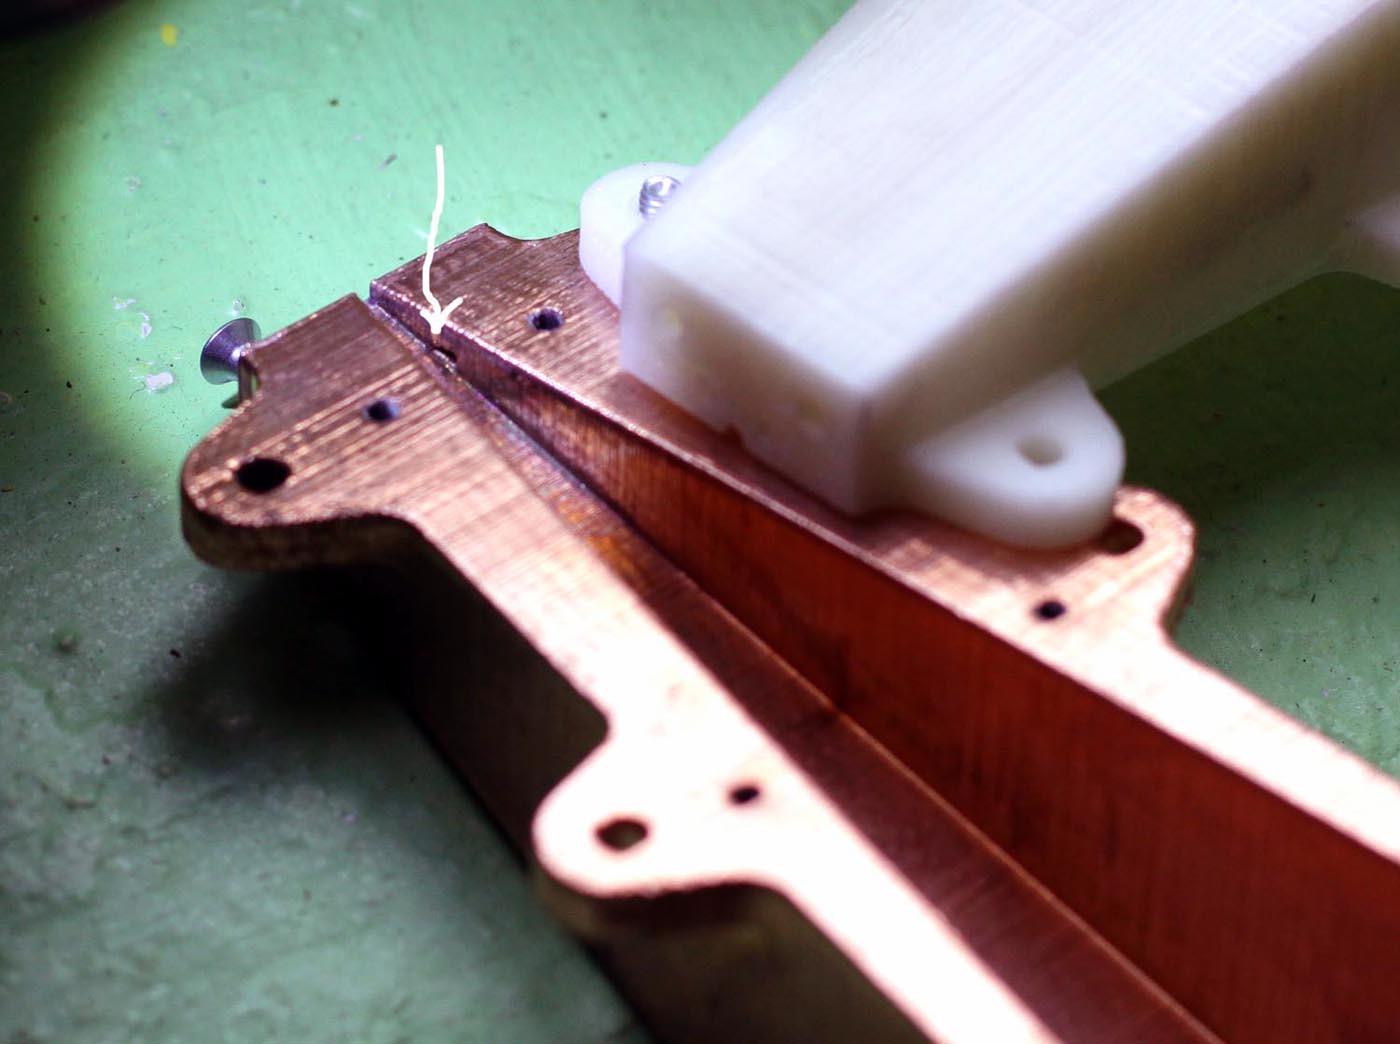 Применение аддитивных технологий при производстве сложных нестандартных изделий - 2